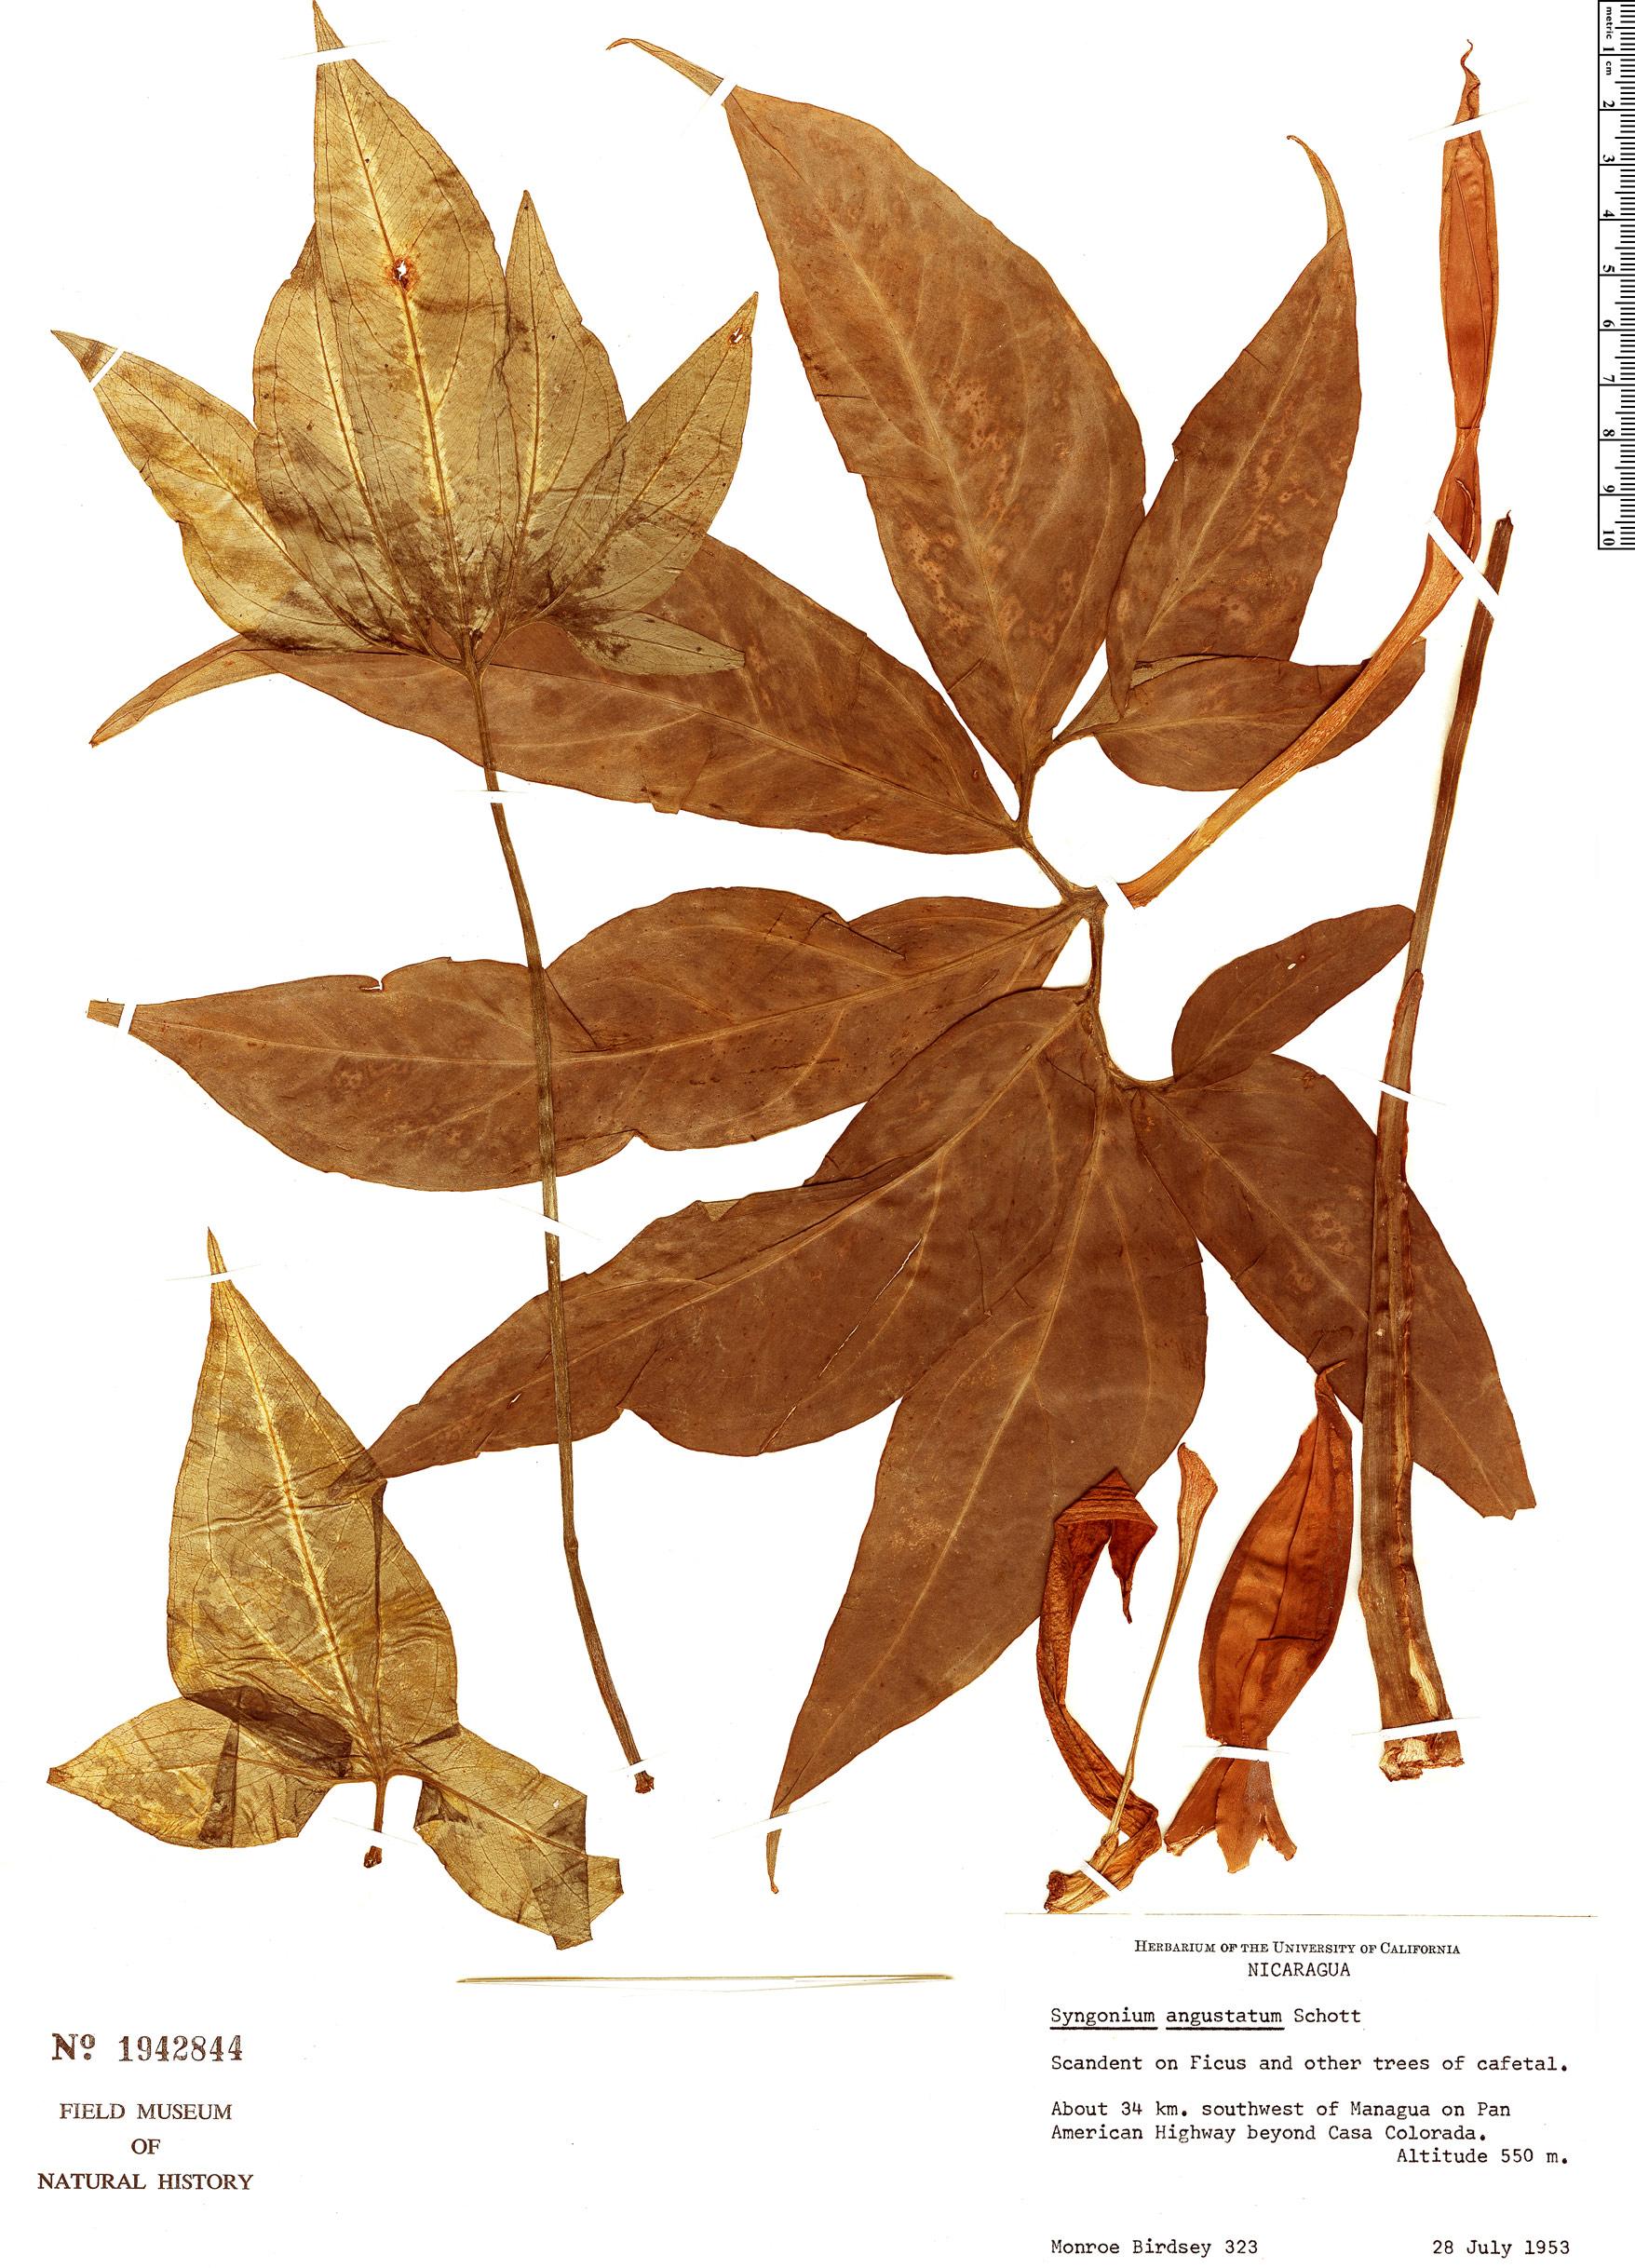 Specimen: Syngonium angustatum